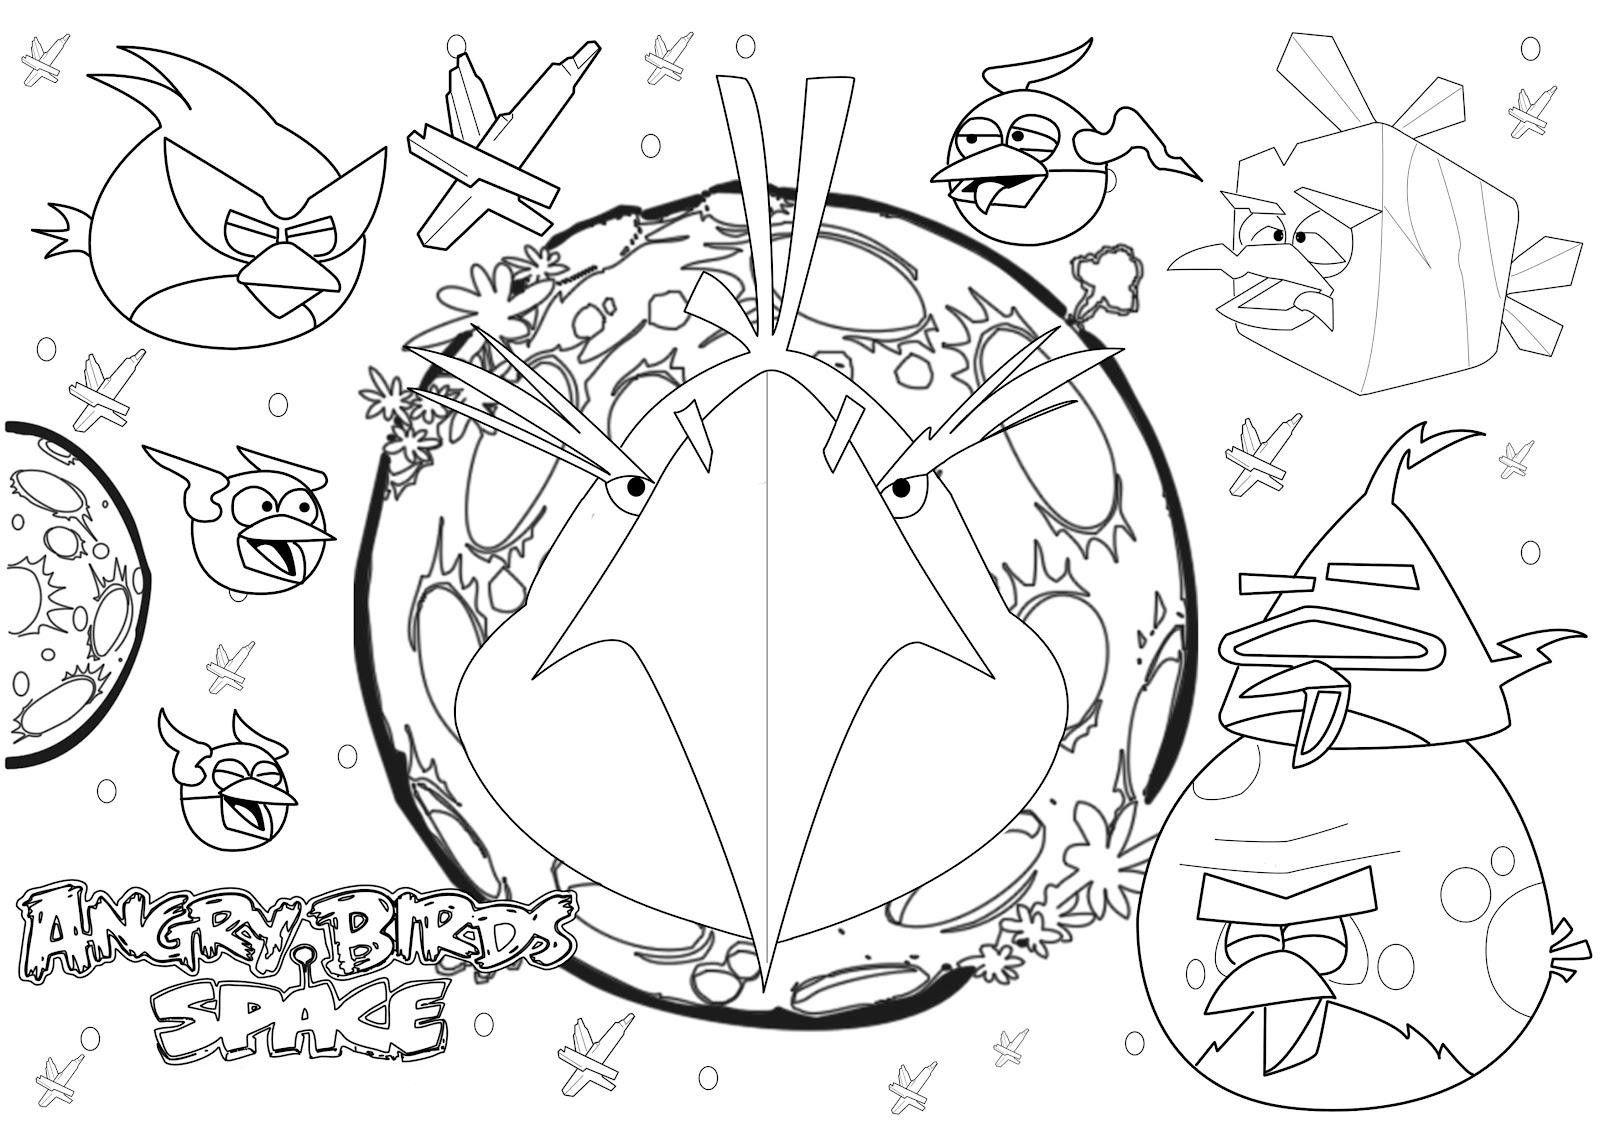 Angry Birds 7 Ausmalbilder für Kinder. Malvorlagen zum ausdrucken